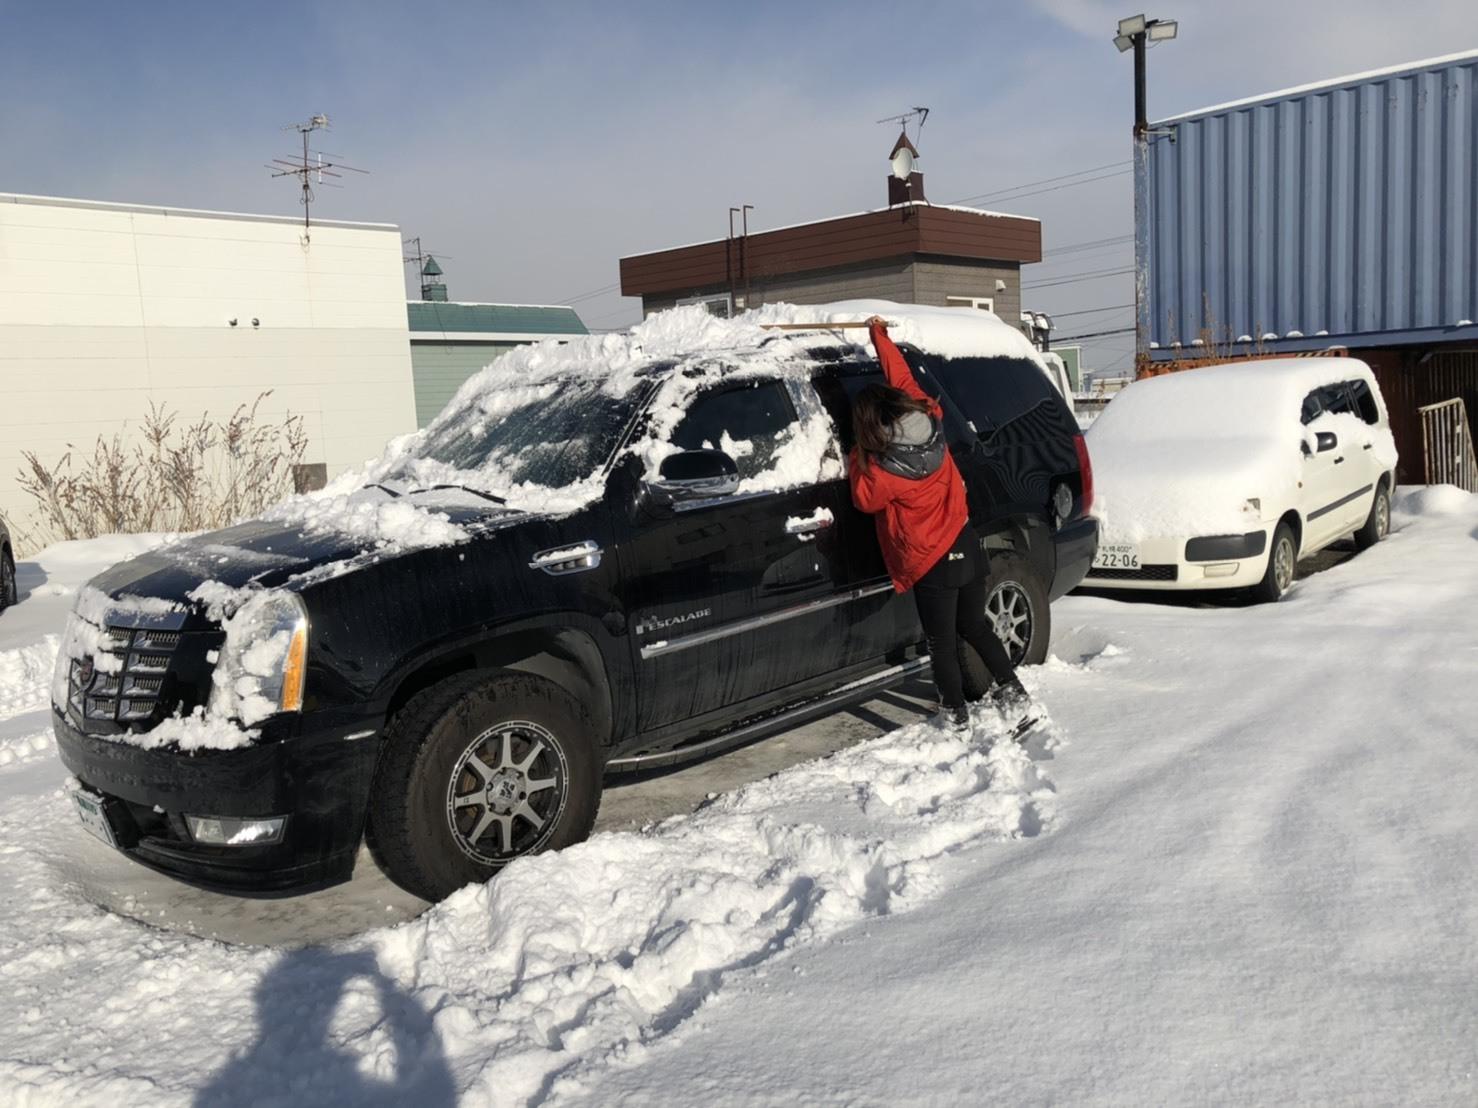 1月25日(日)O様新車タント納車☆エスカレード ゼロデザインあります✊レクサス ランクル ハマー TOMMY_b0127002_18411452.jpg